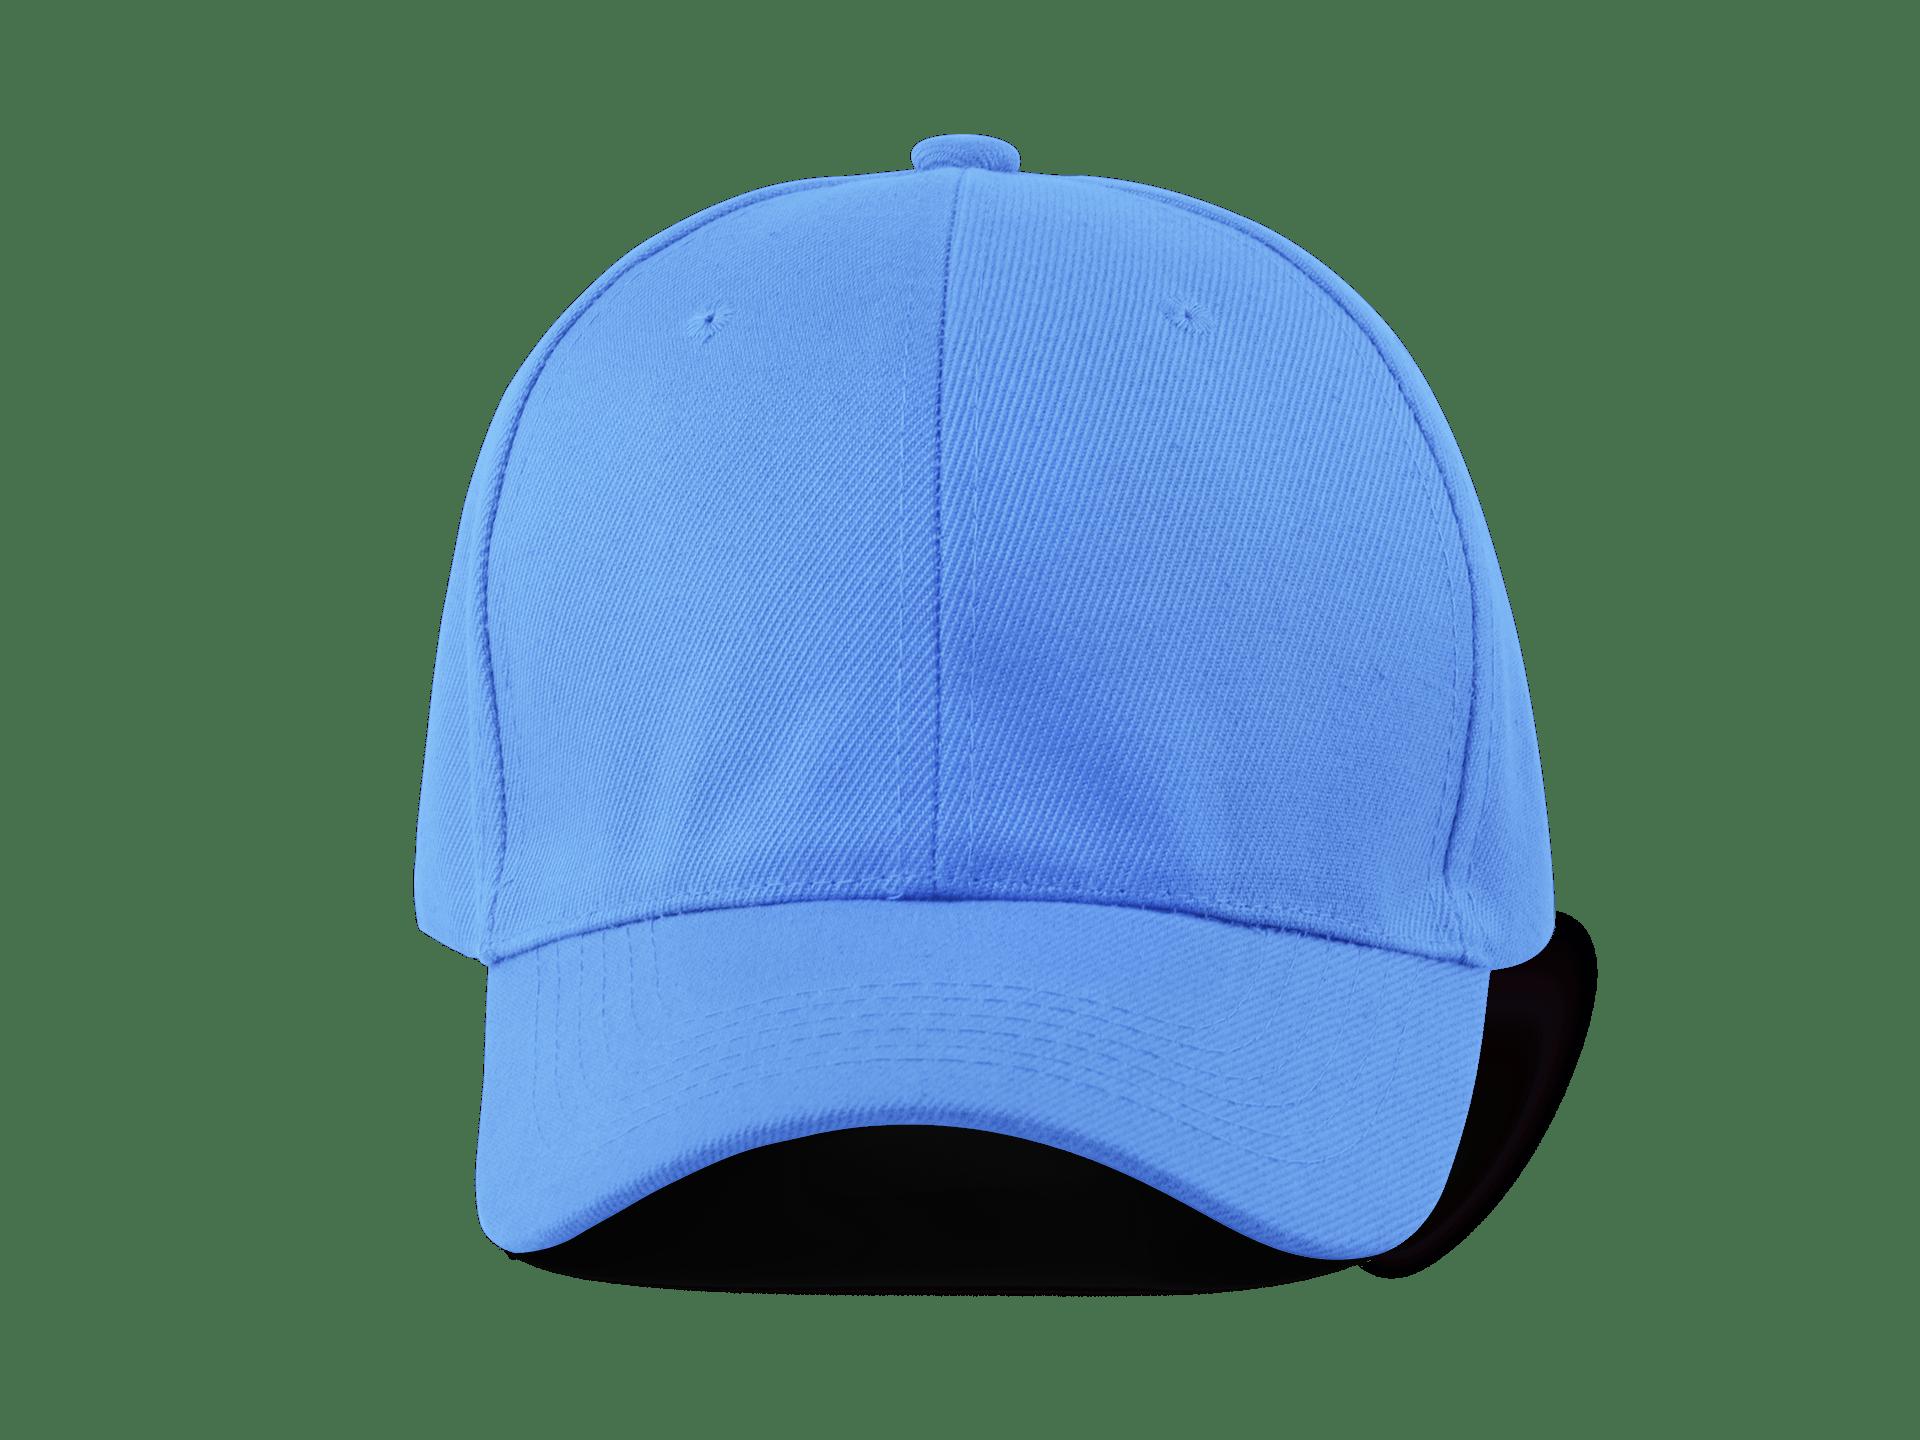 cap-blue-color